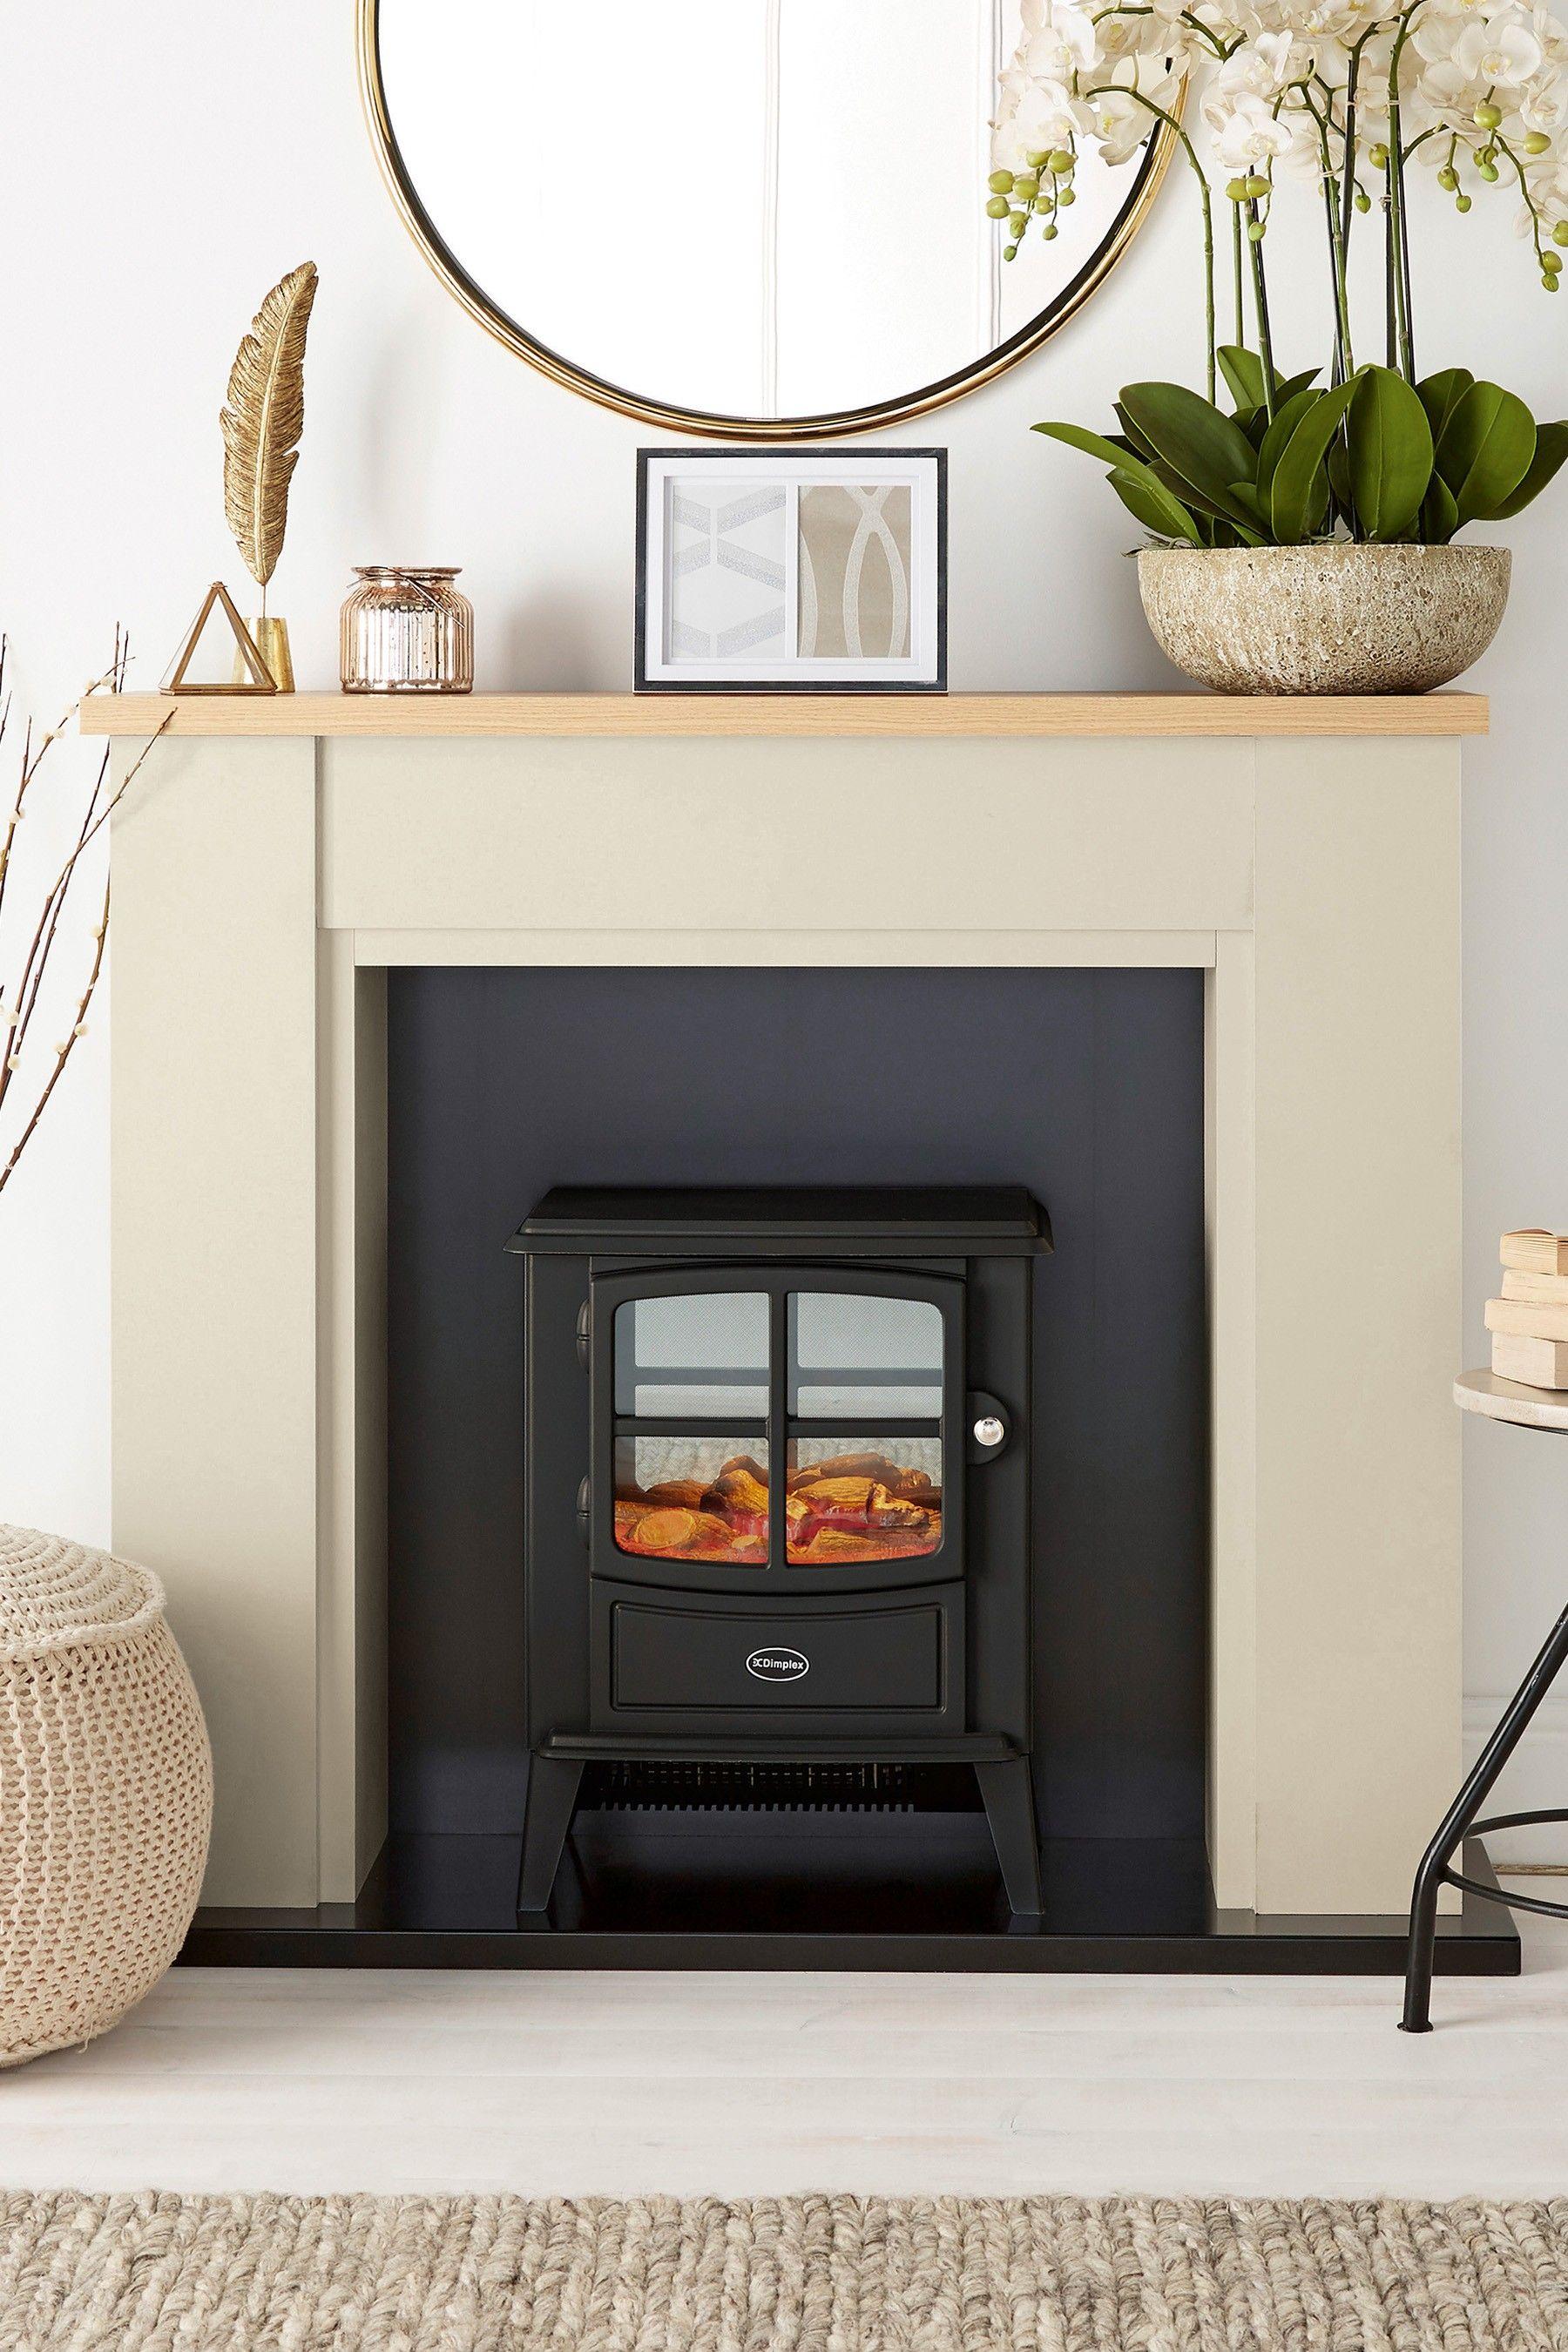 Malvern Fireplace Surround Fireplace surrounds, Fire